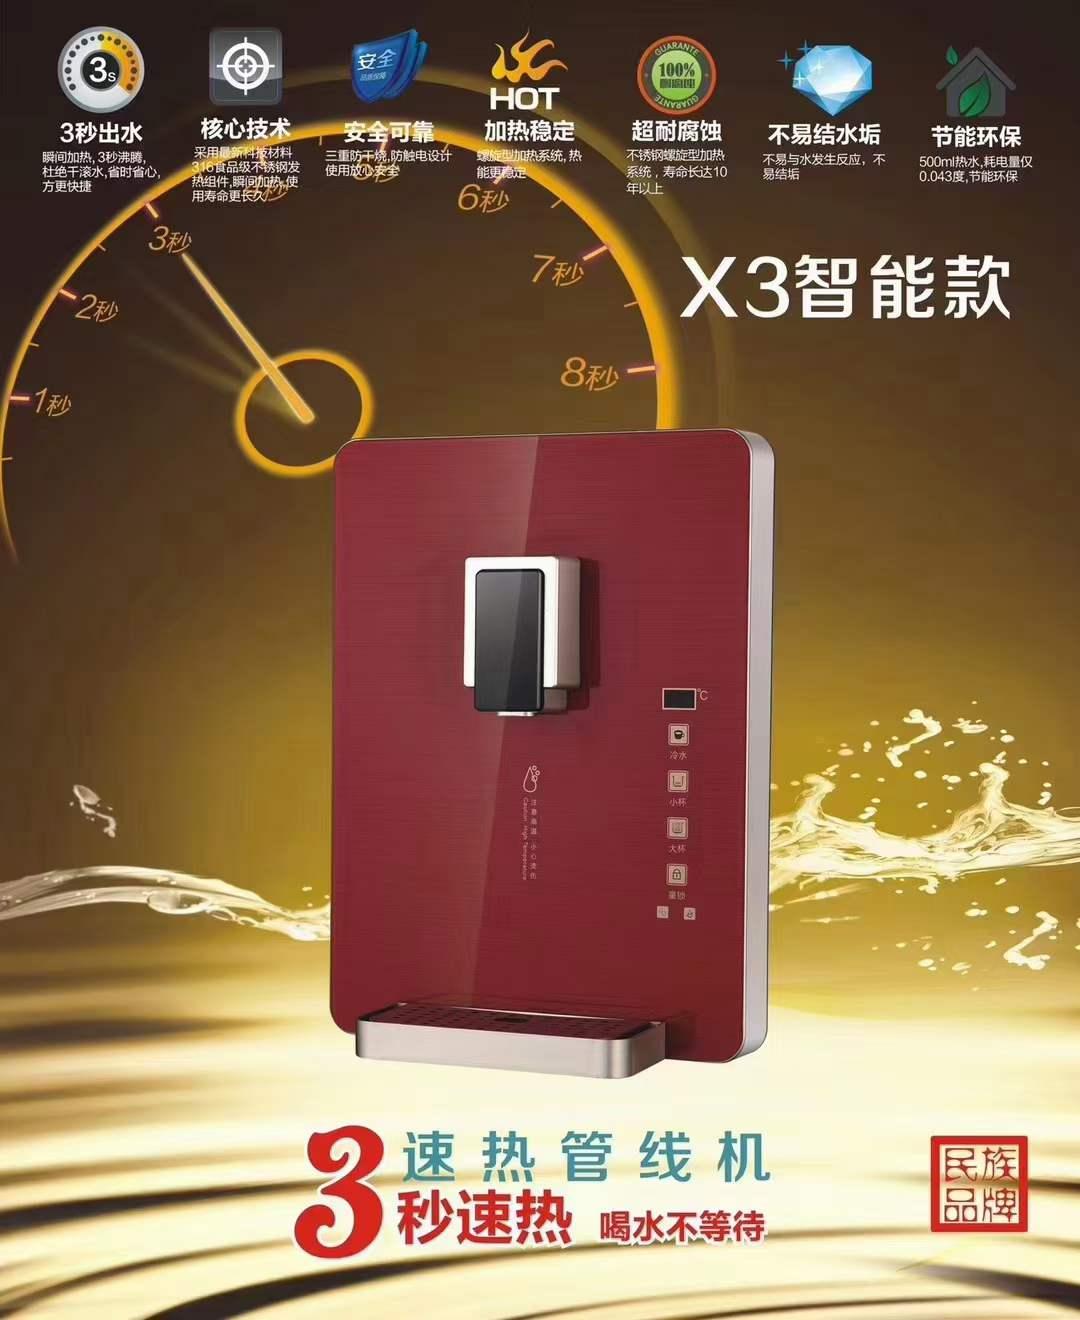 四川家用净水器设备多少钱一台